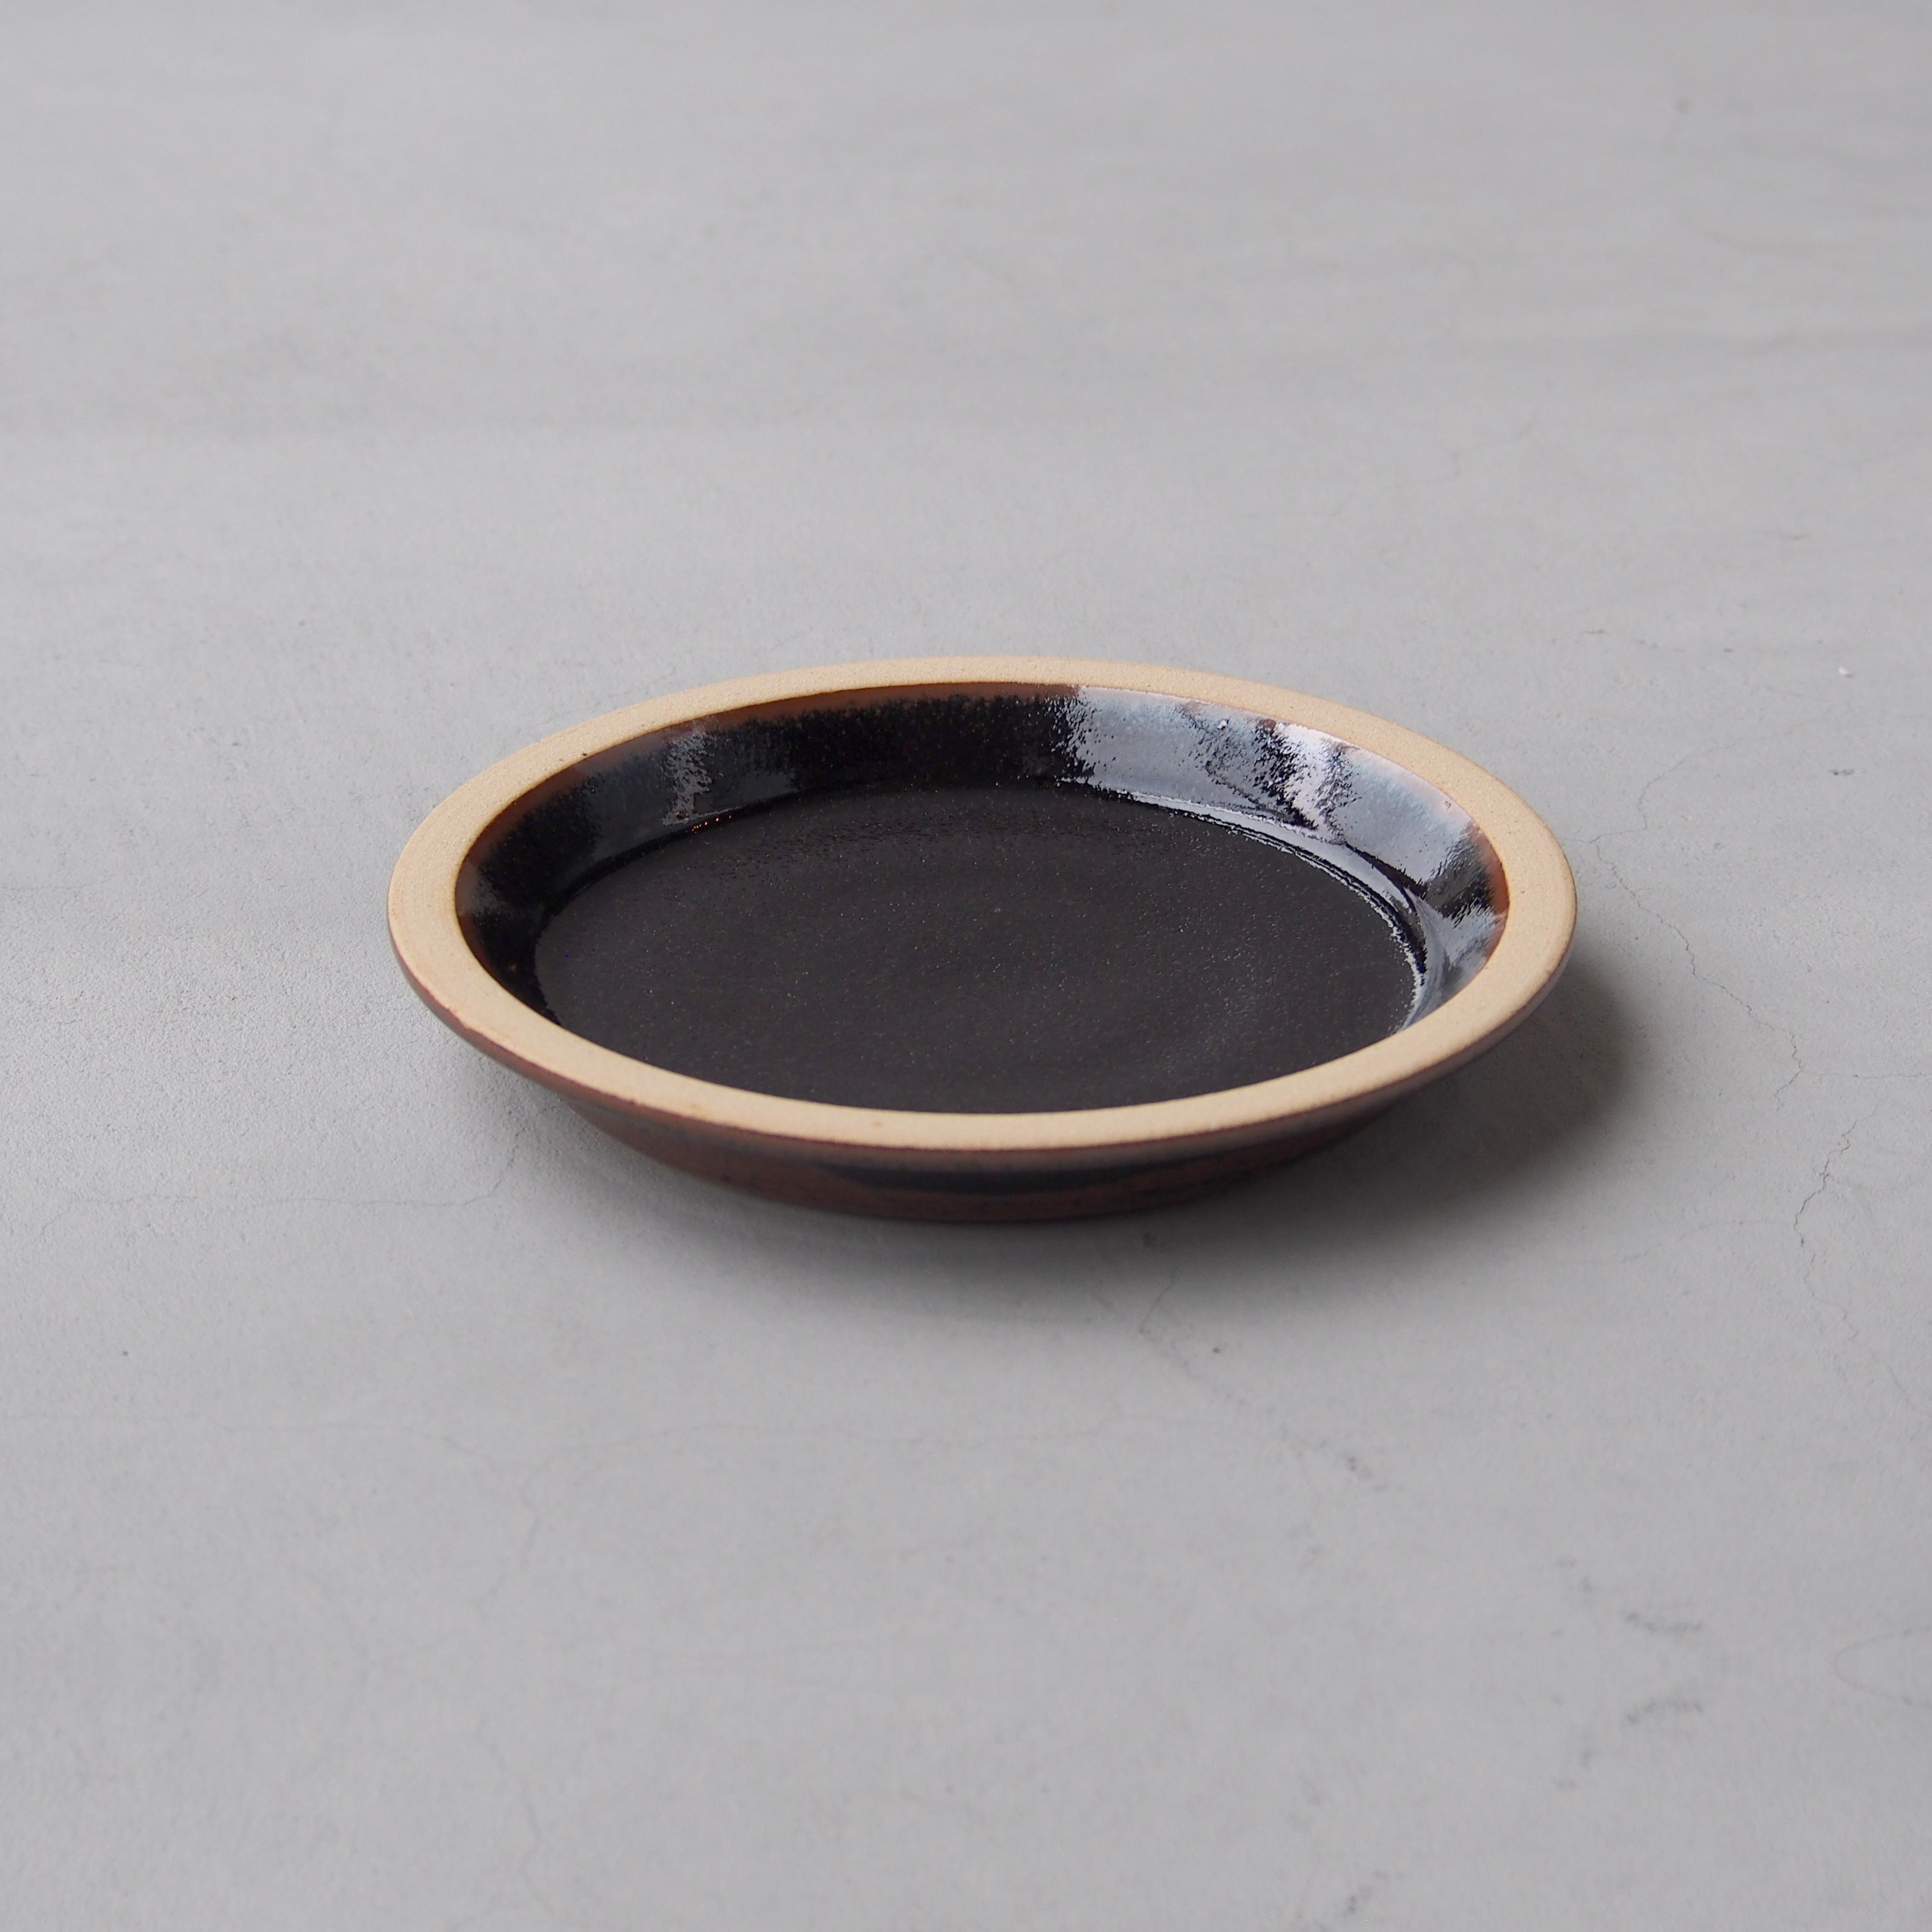 出西窯 モーニングプレート6寸 黒